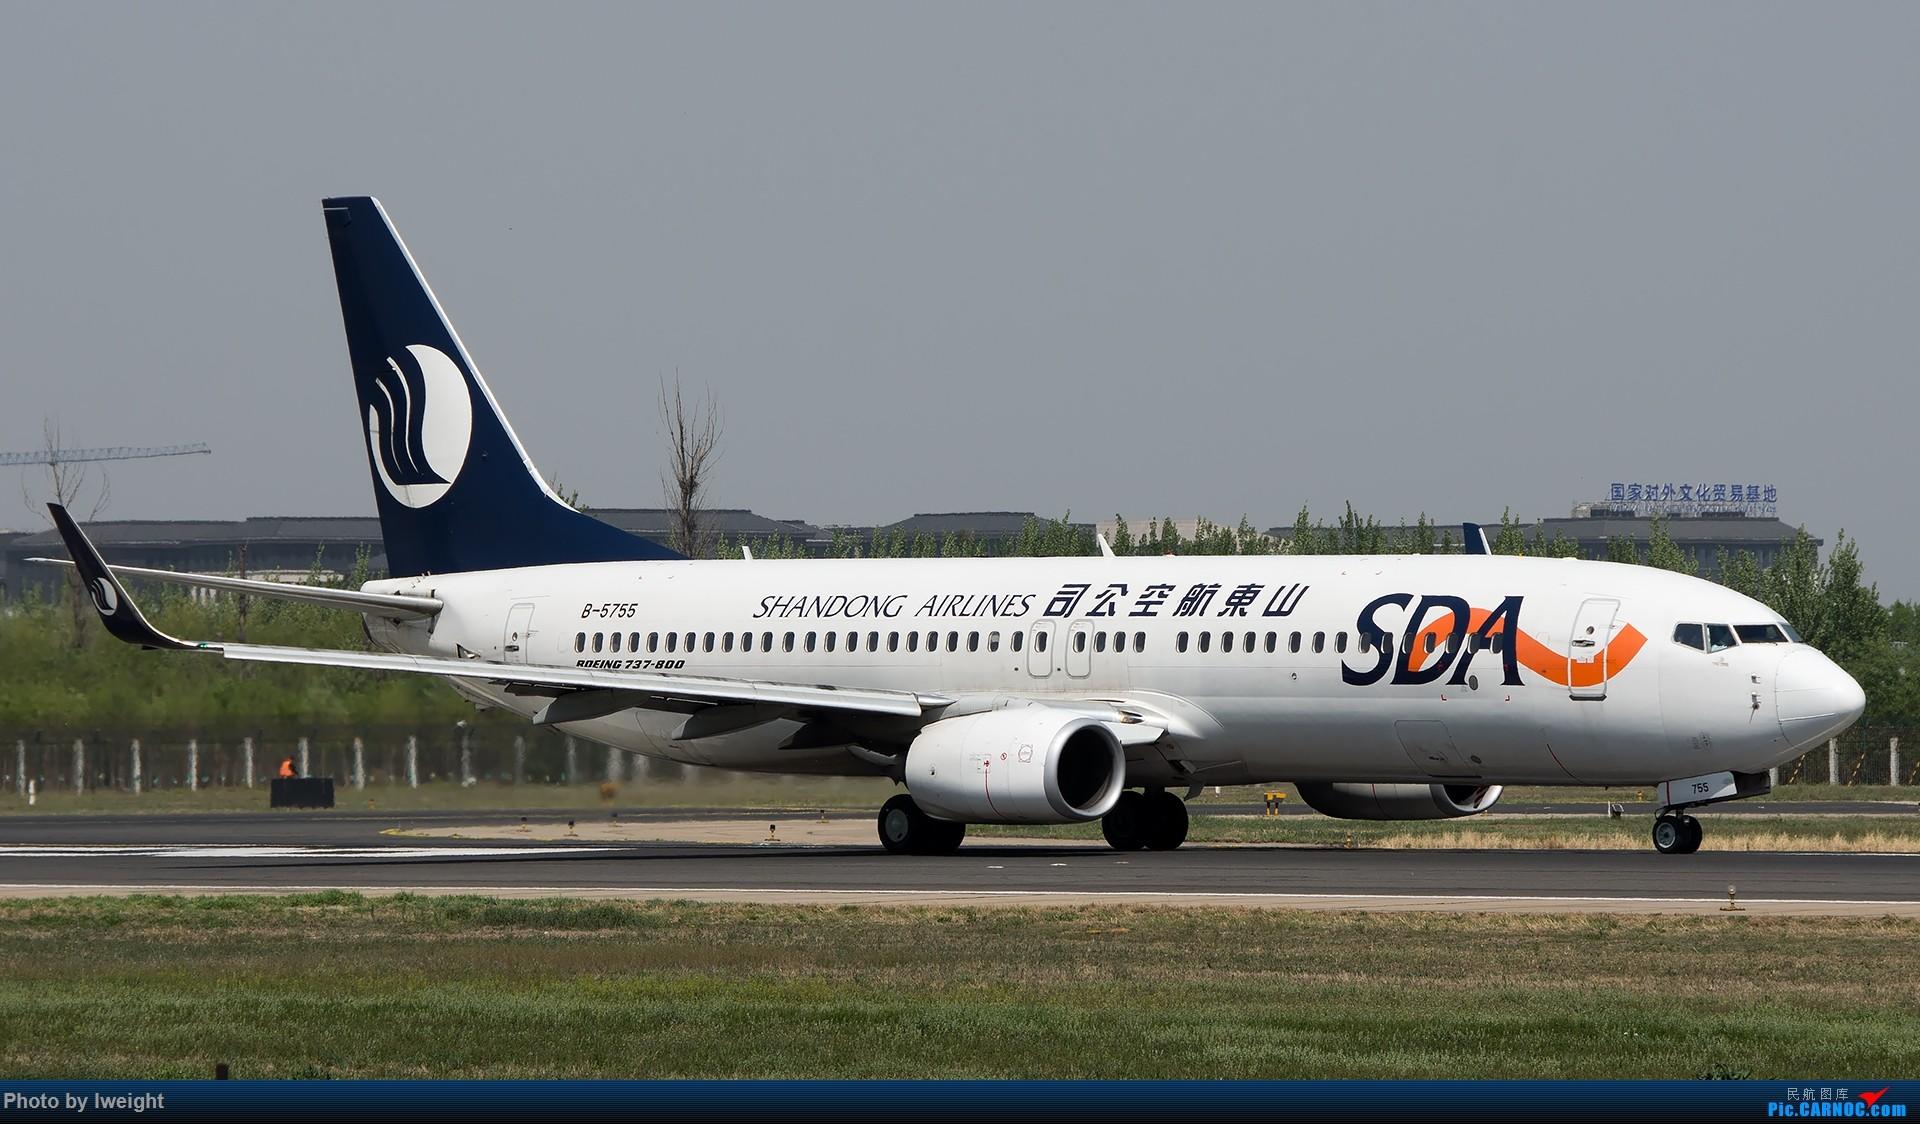 Re:[原创]天气晴朗,继续守候18R【多图】 BOEING 737-800 B-5755 中国北京首都国际机场